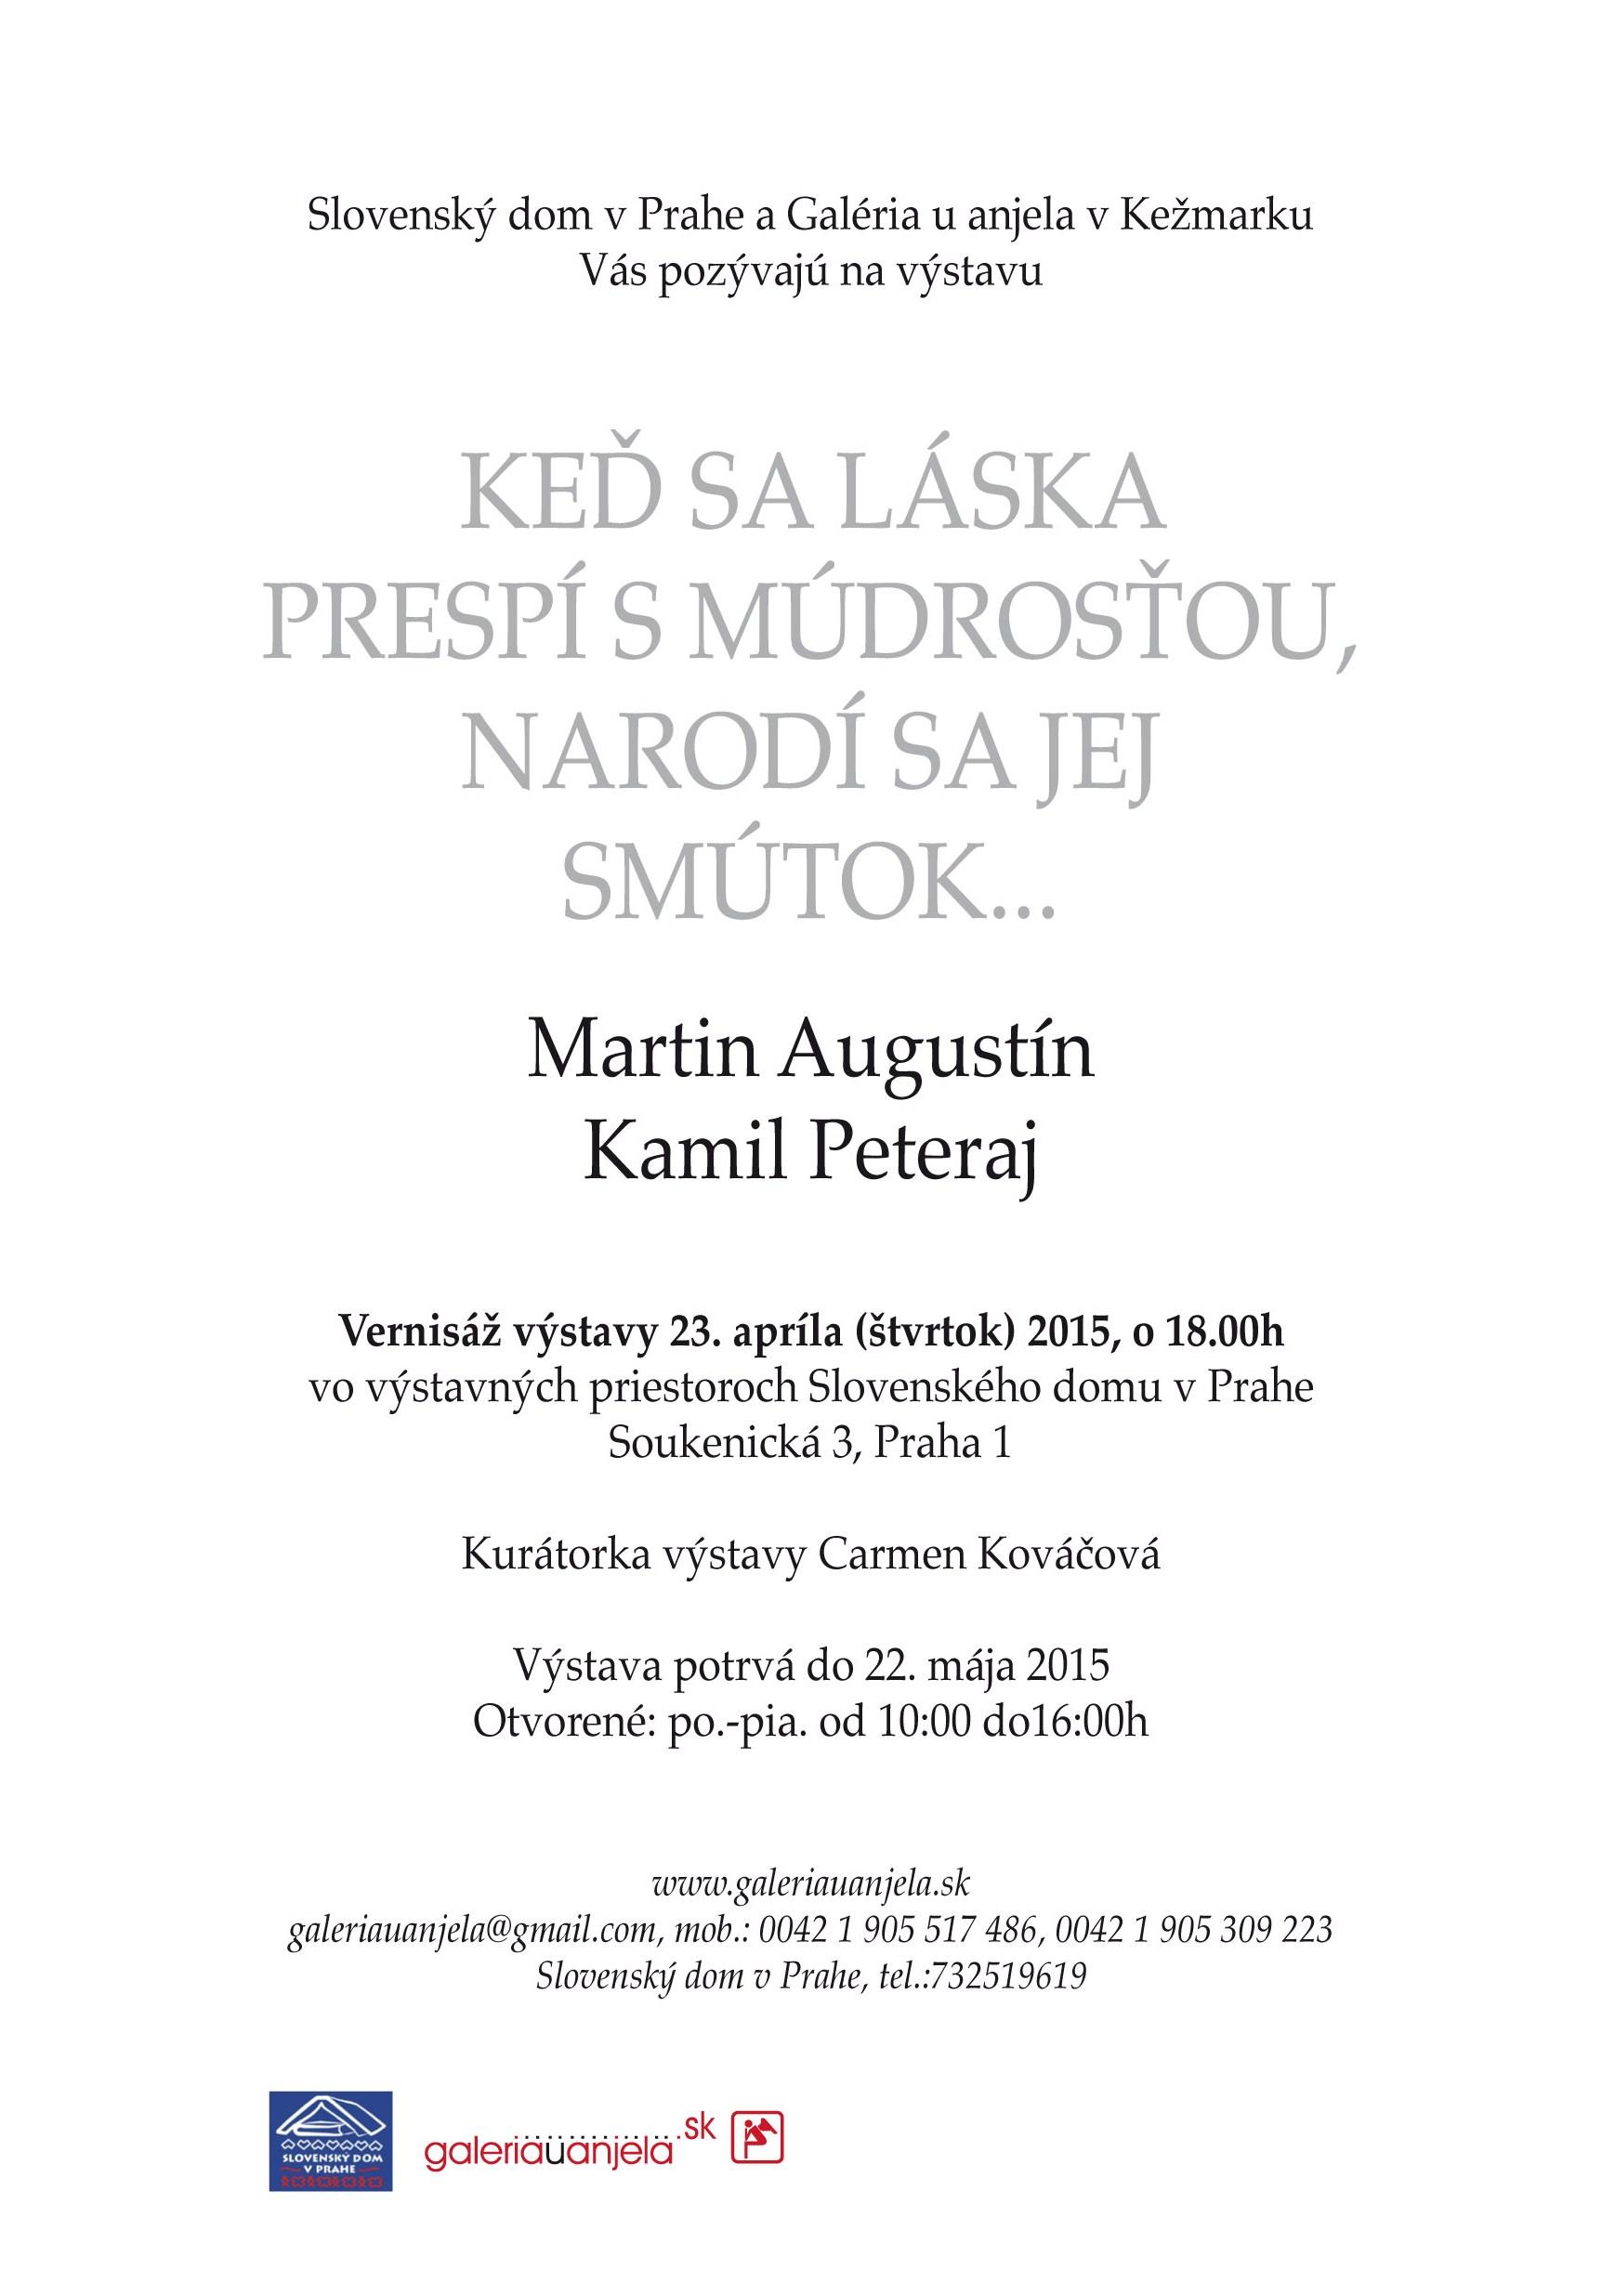 5b22828bc Oba autoři mají za sebou vzájemnou úspěšnou spolupráci na společných  projektech v největším slovenském vydavatelství IKAR. Za Peterajovu knihu